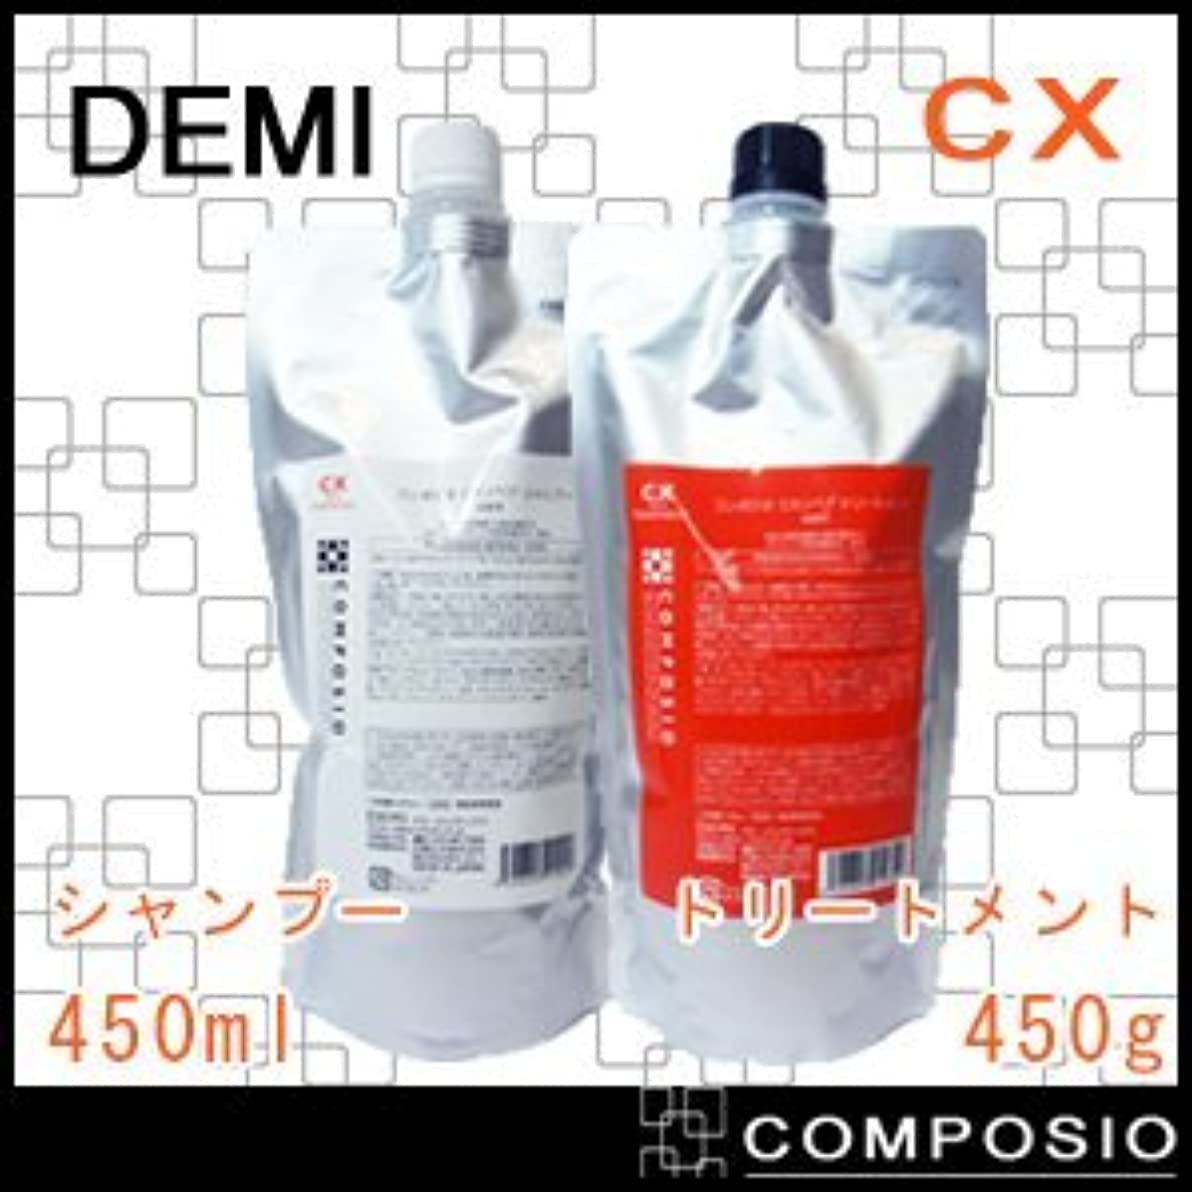 デミ コンポジオ CXリペアシャンプー&トリートメント 詰め替え セット 450ml,450g